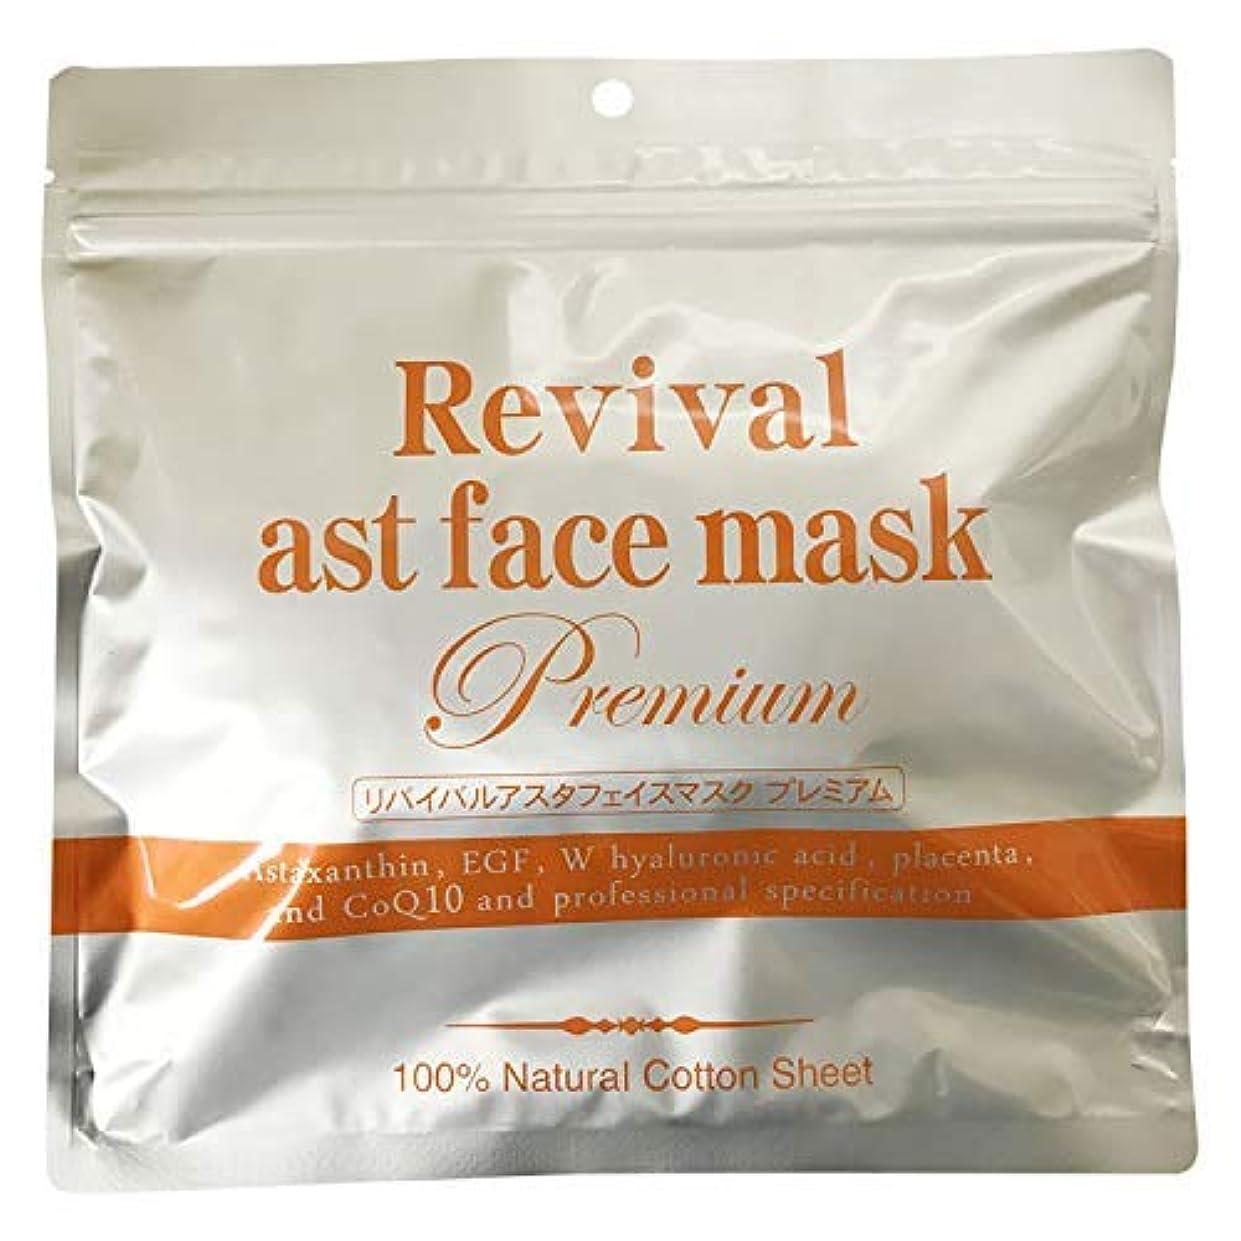 証明する記念品暖かさリバイバルアスタフェイスマスク プレミアム (120枚(30枚×4袋))